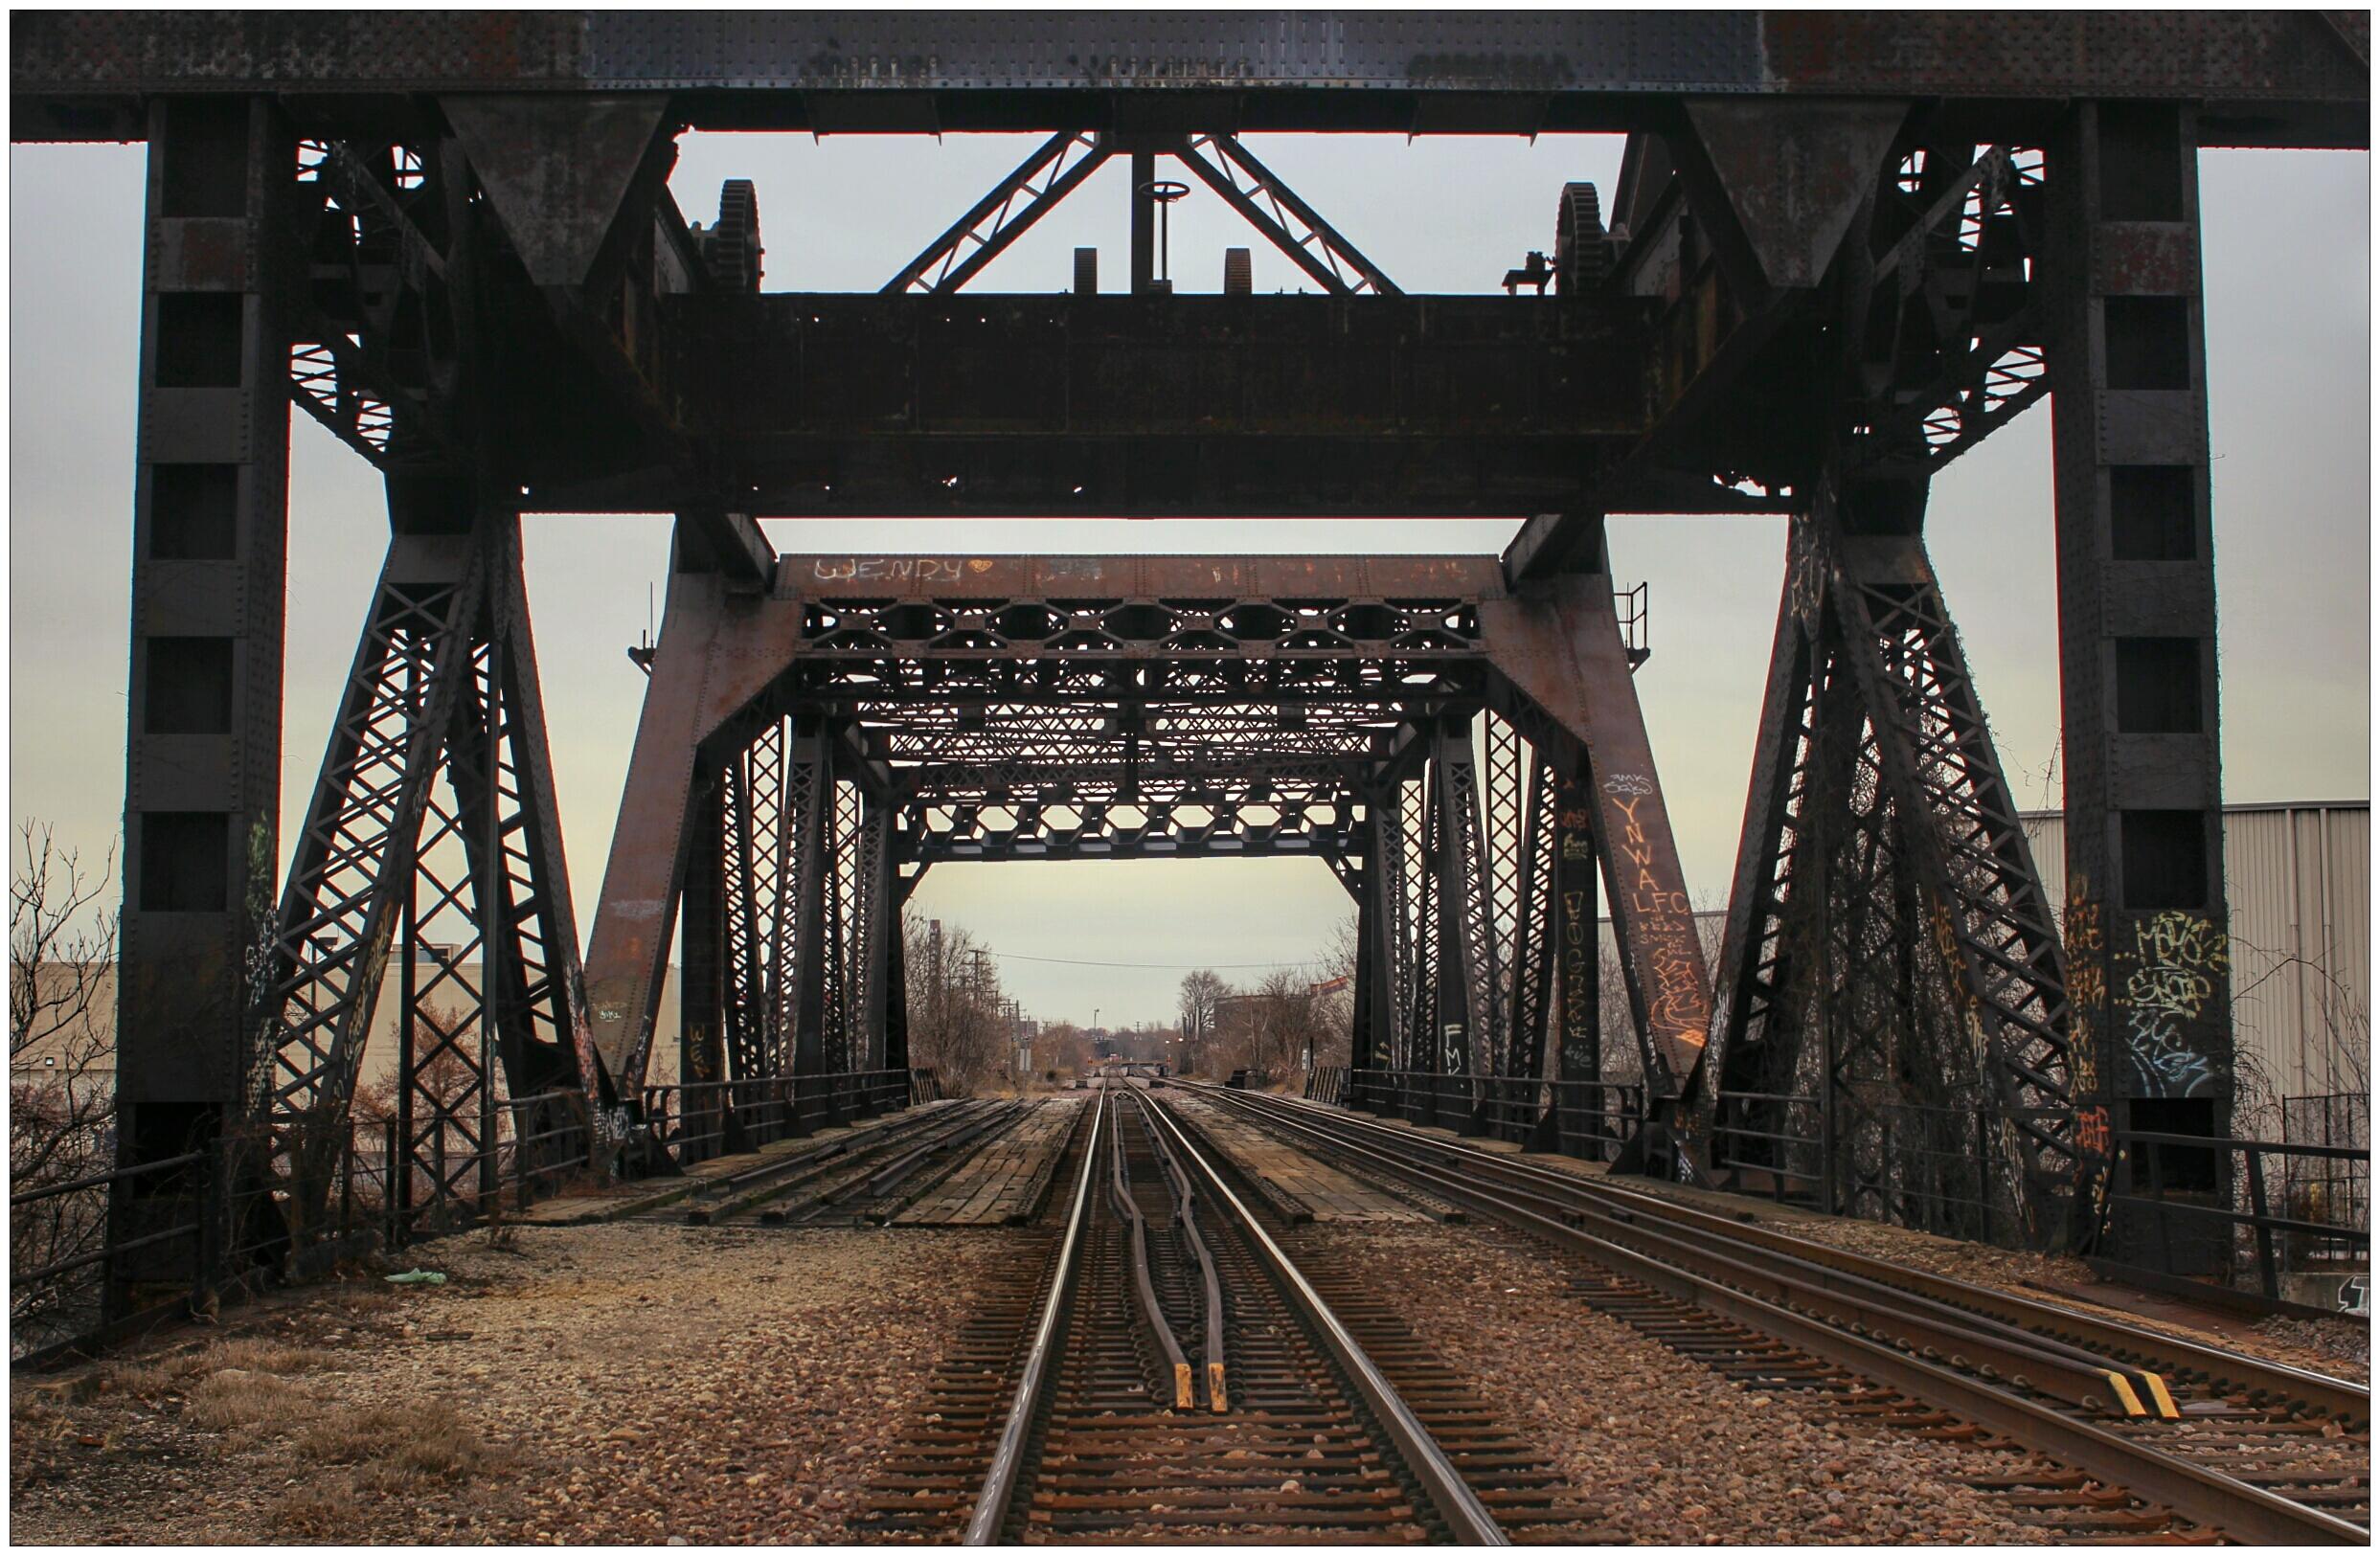 кузовное дизайнерское железная дорога металл фото пожалуйста, можно клеить